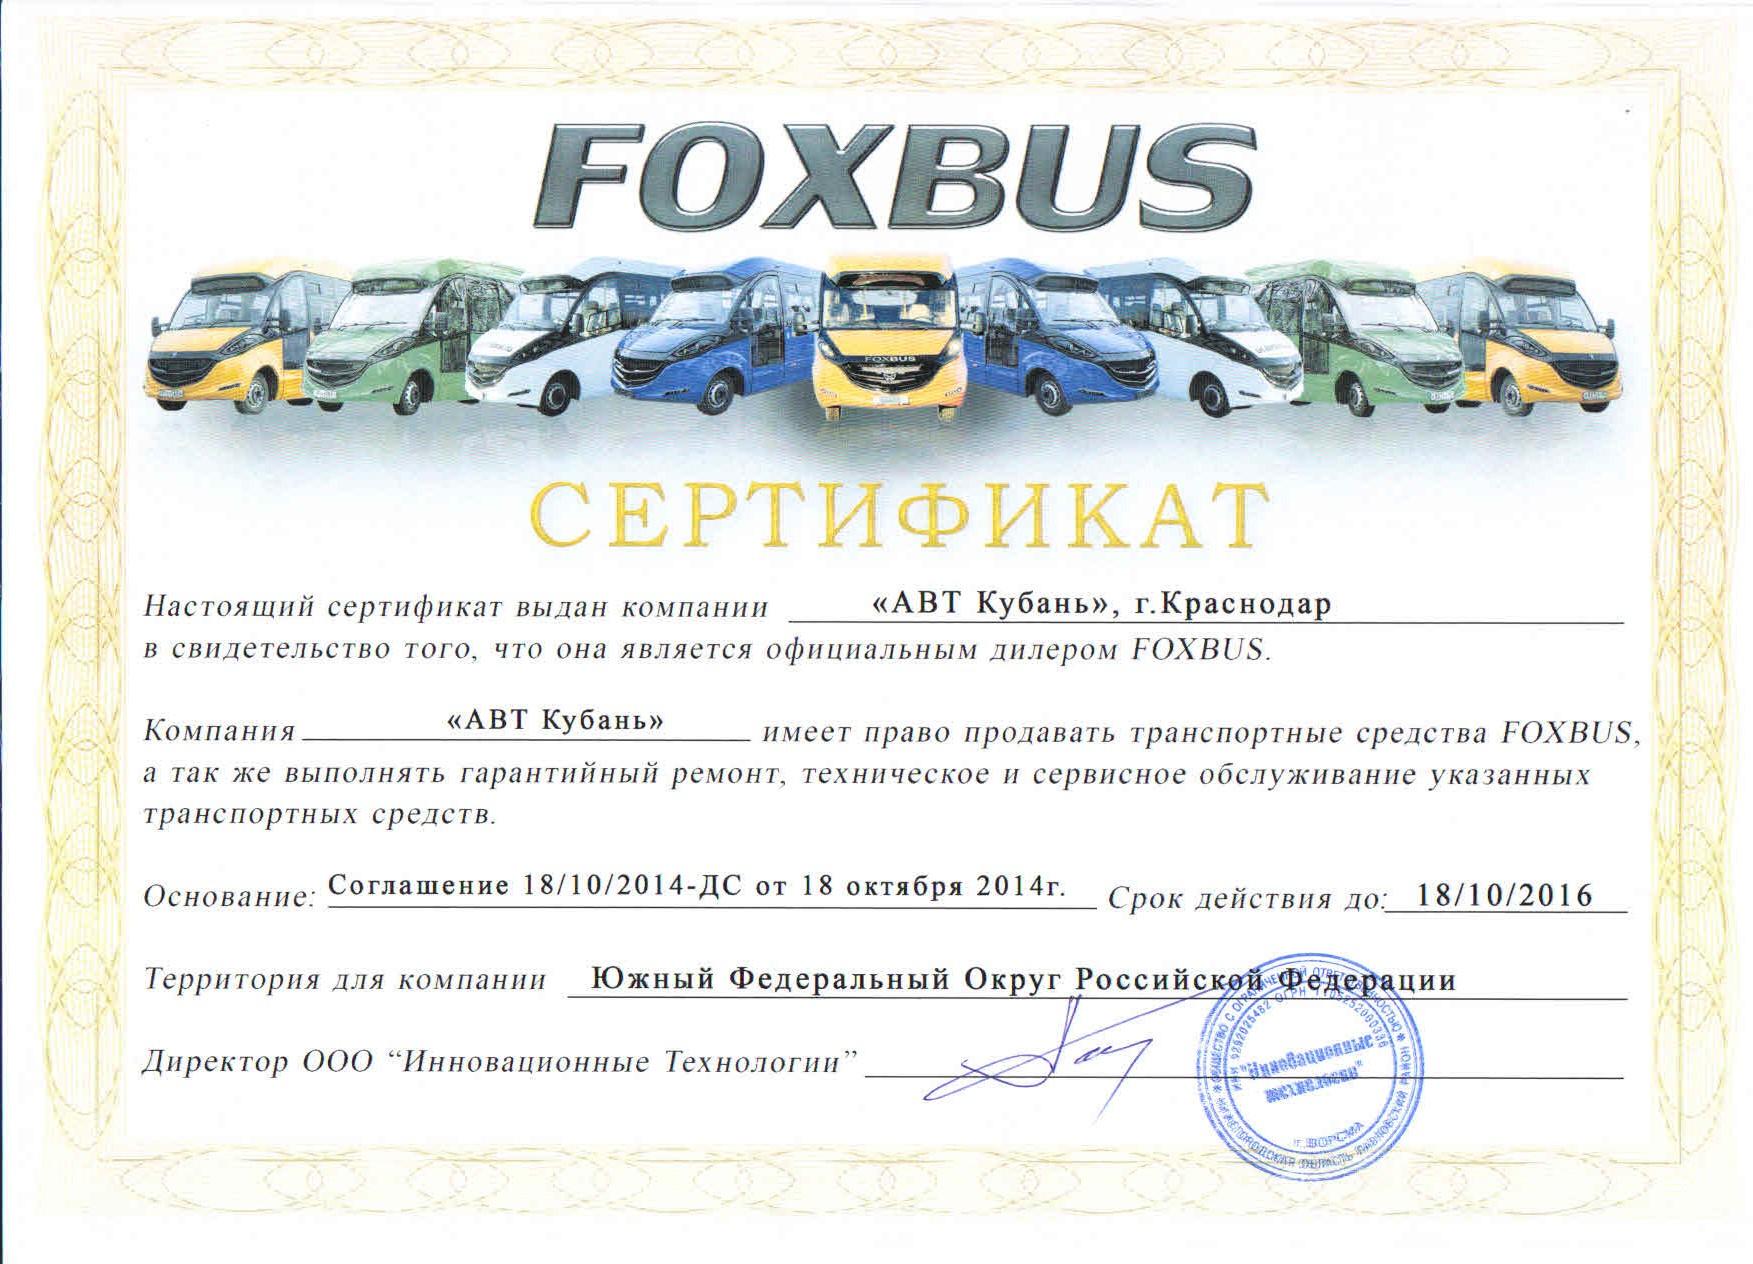 Сертификат FOXBUS